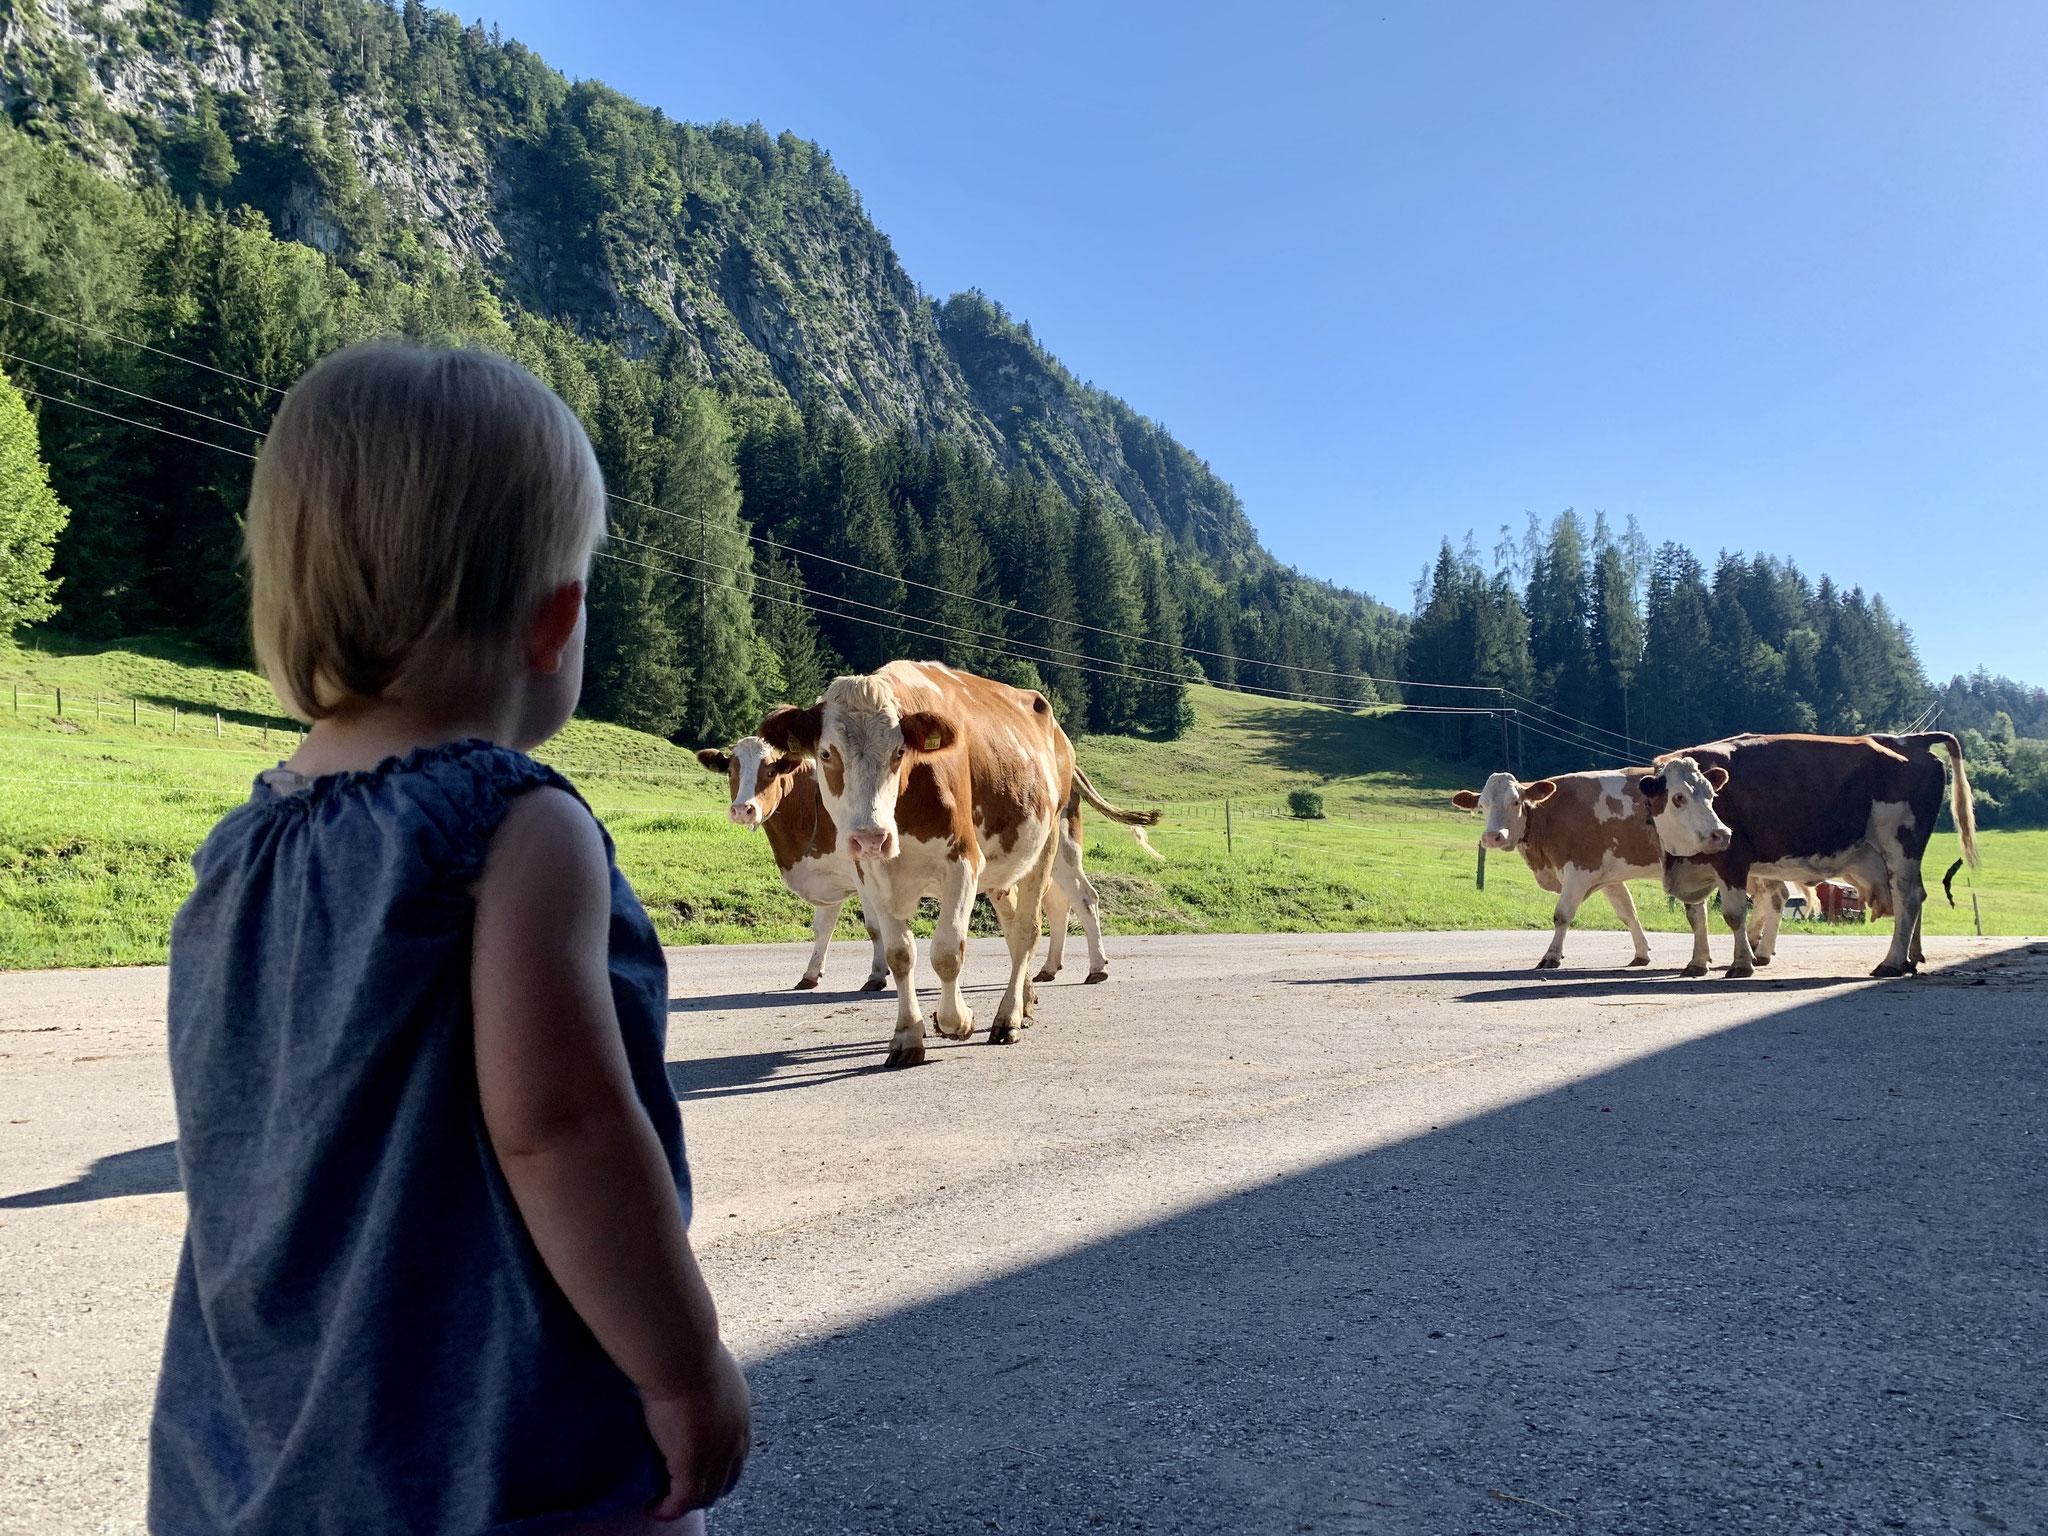 Unsere Kleinste beim Kühe beobachten